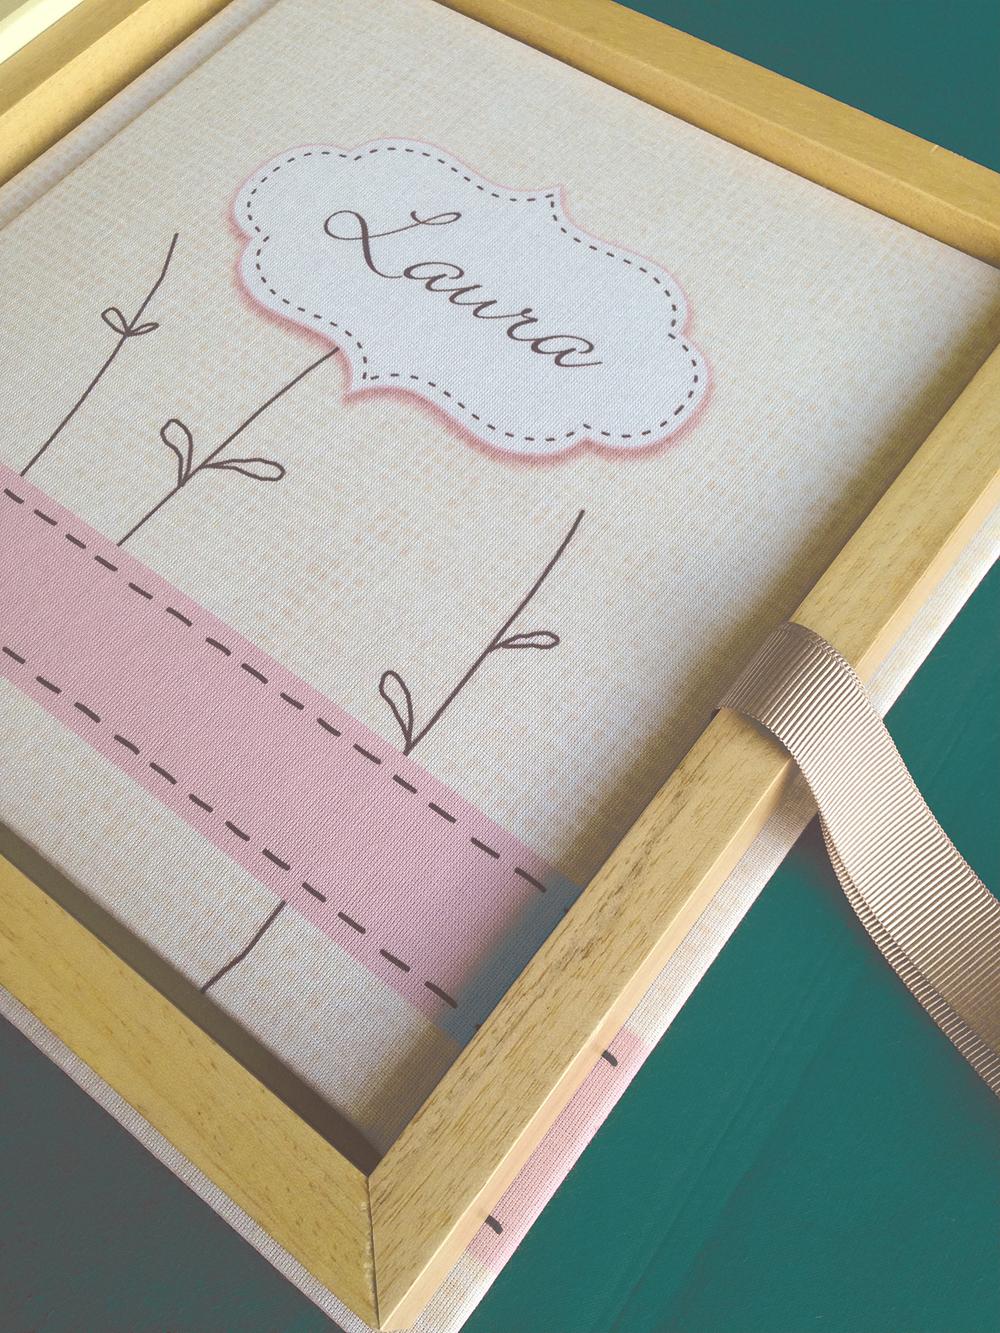 Álbum lino personalizado + caja artesanal madera y lino